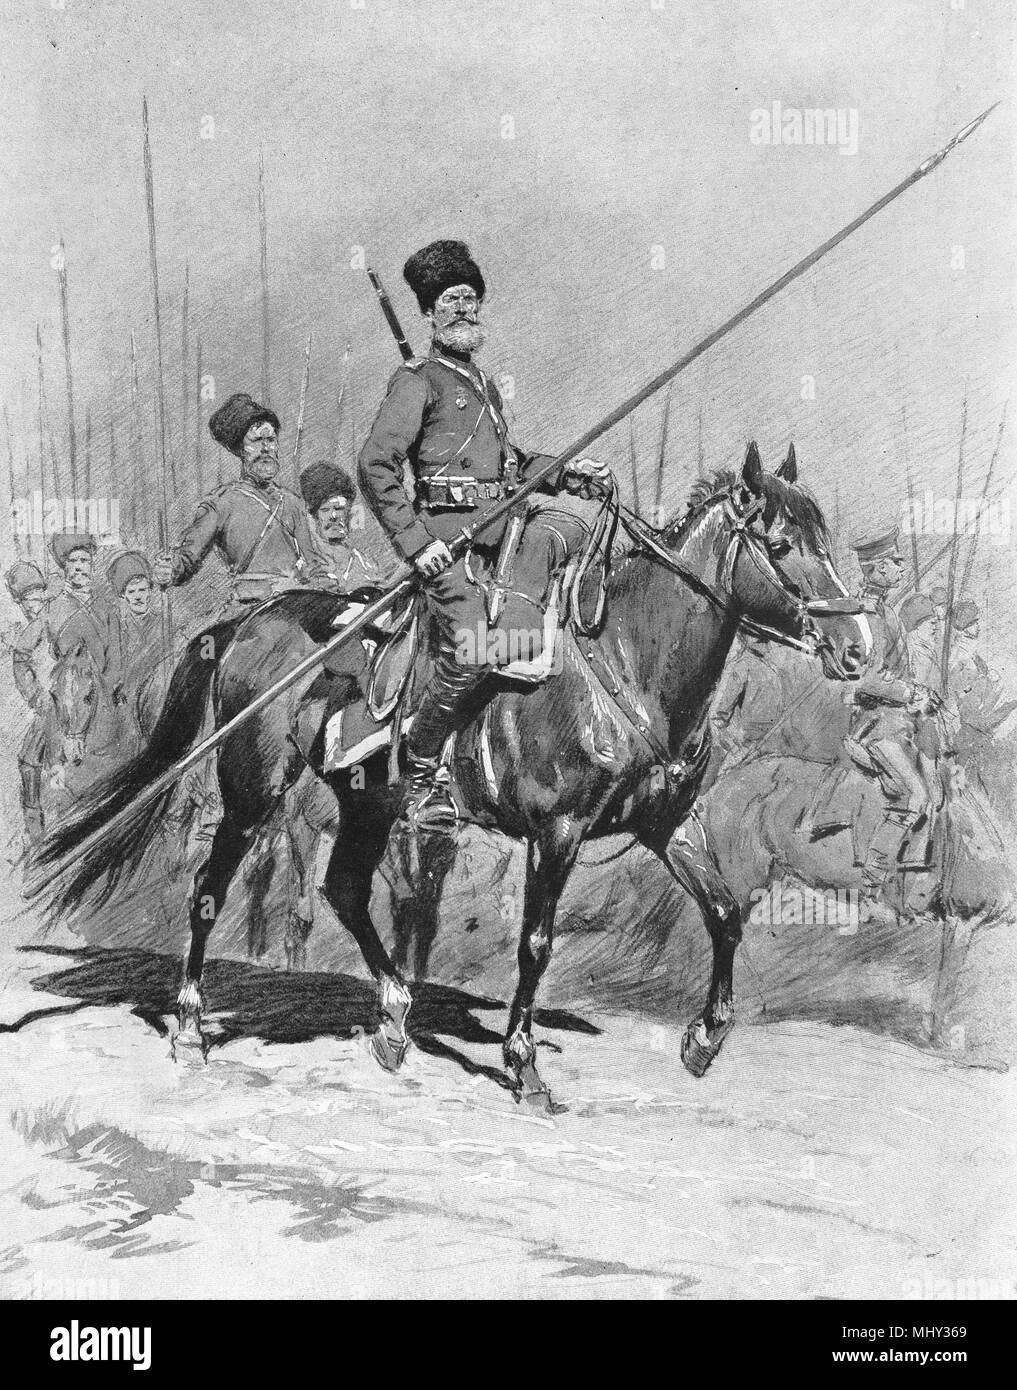 Cosacchi cavalleria, Prima Guerra Mondiale, Russia Immagini Stock